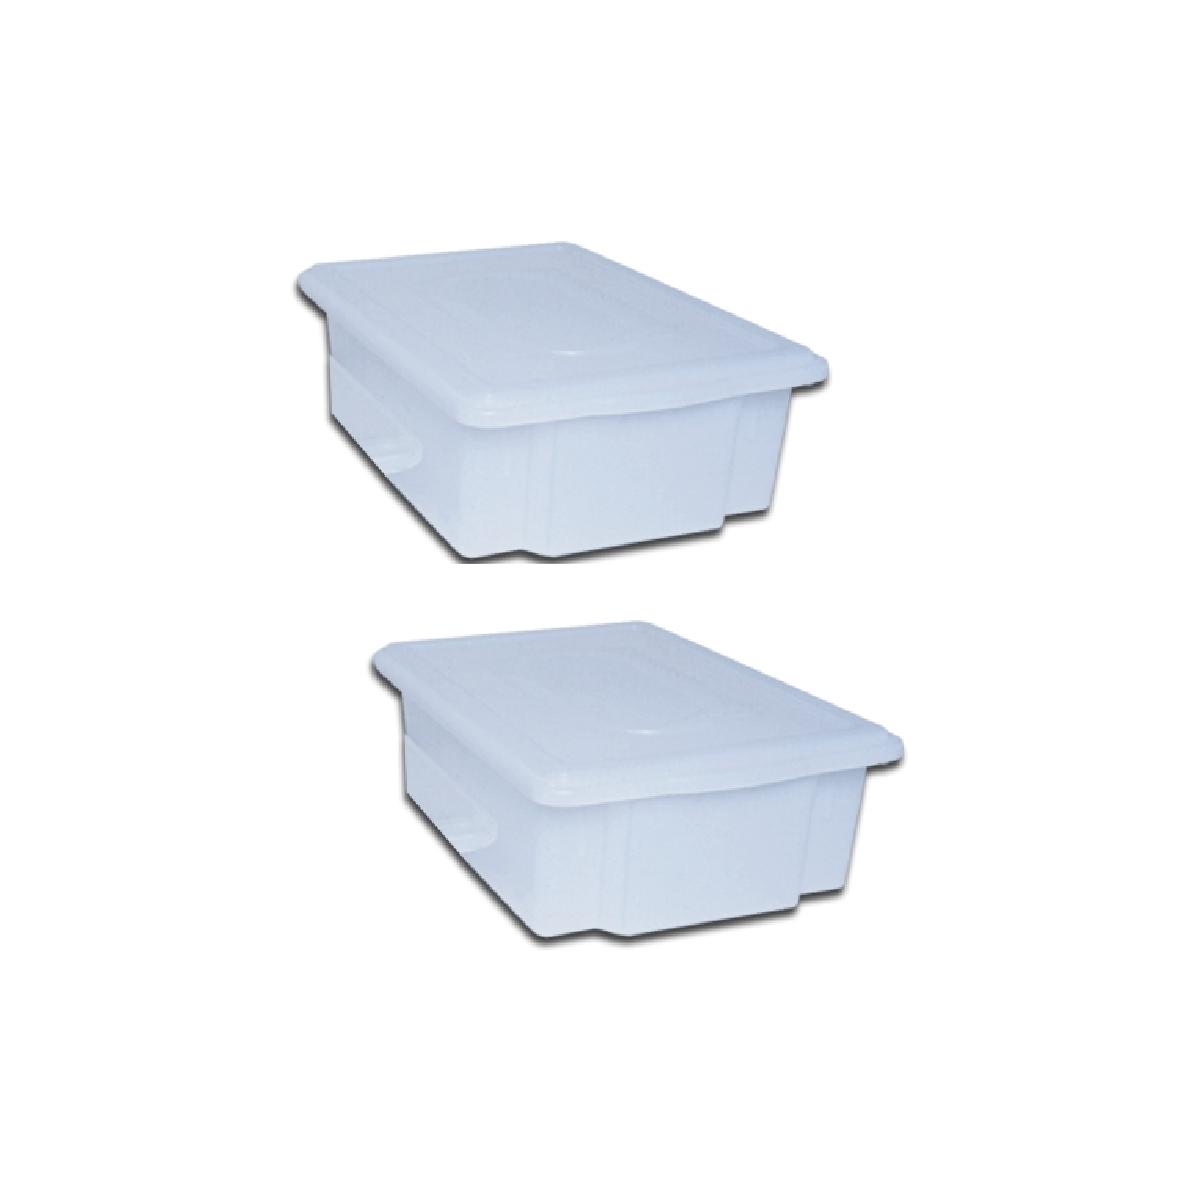 Kit 2 Caixa Plastica C/ Tampa Açougue 25l Camara Fria  - LZ COZINHA